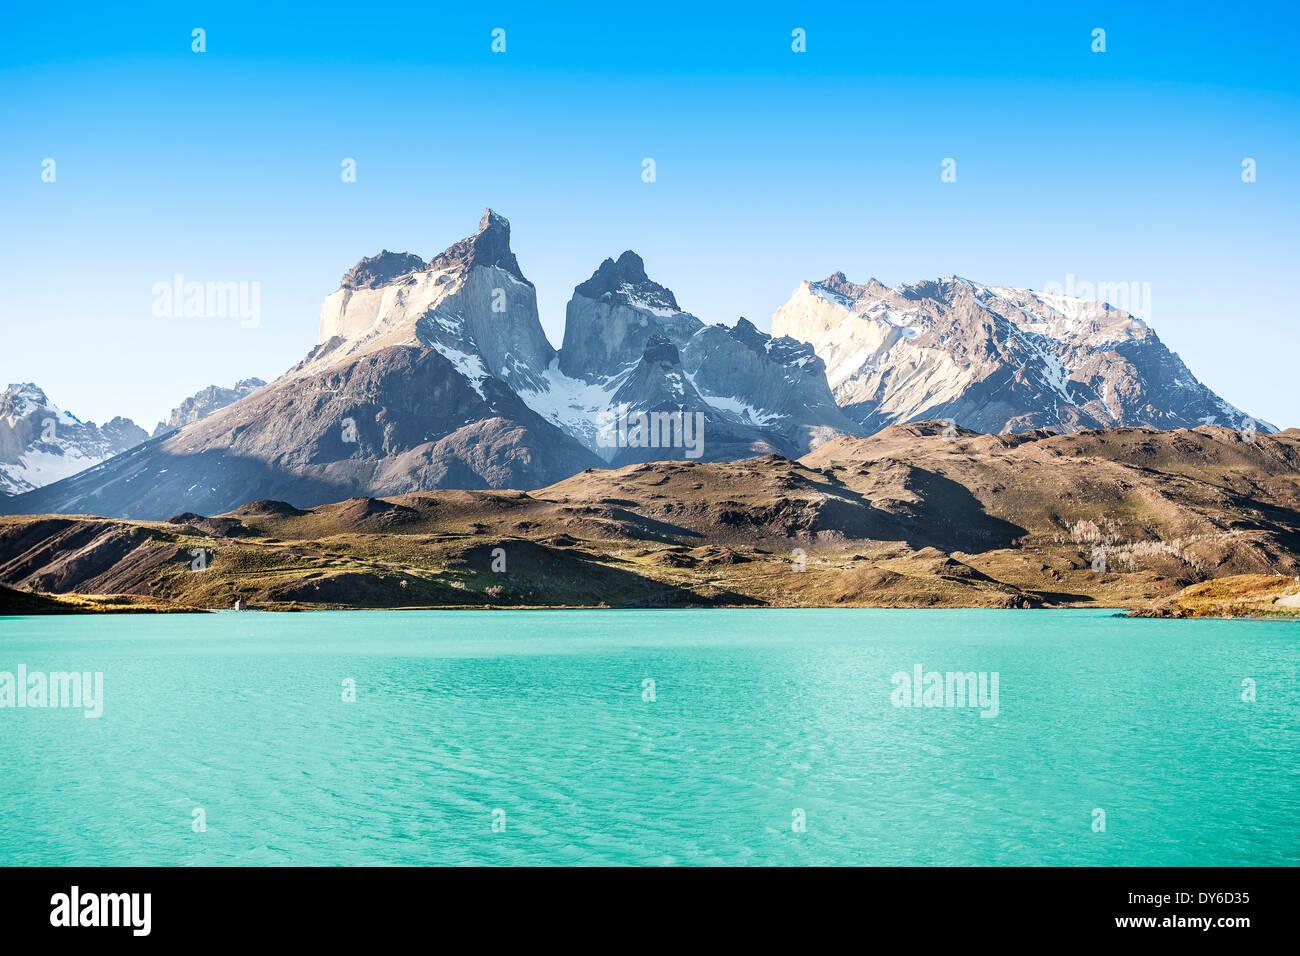 Pehoe lago di montagna e Los Cuernos (le corna), il parco nazionale Torres del Paine, Cile. Immagini Stock